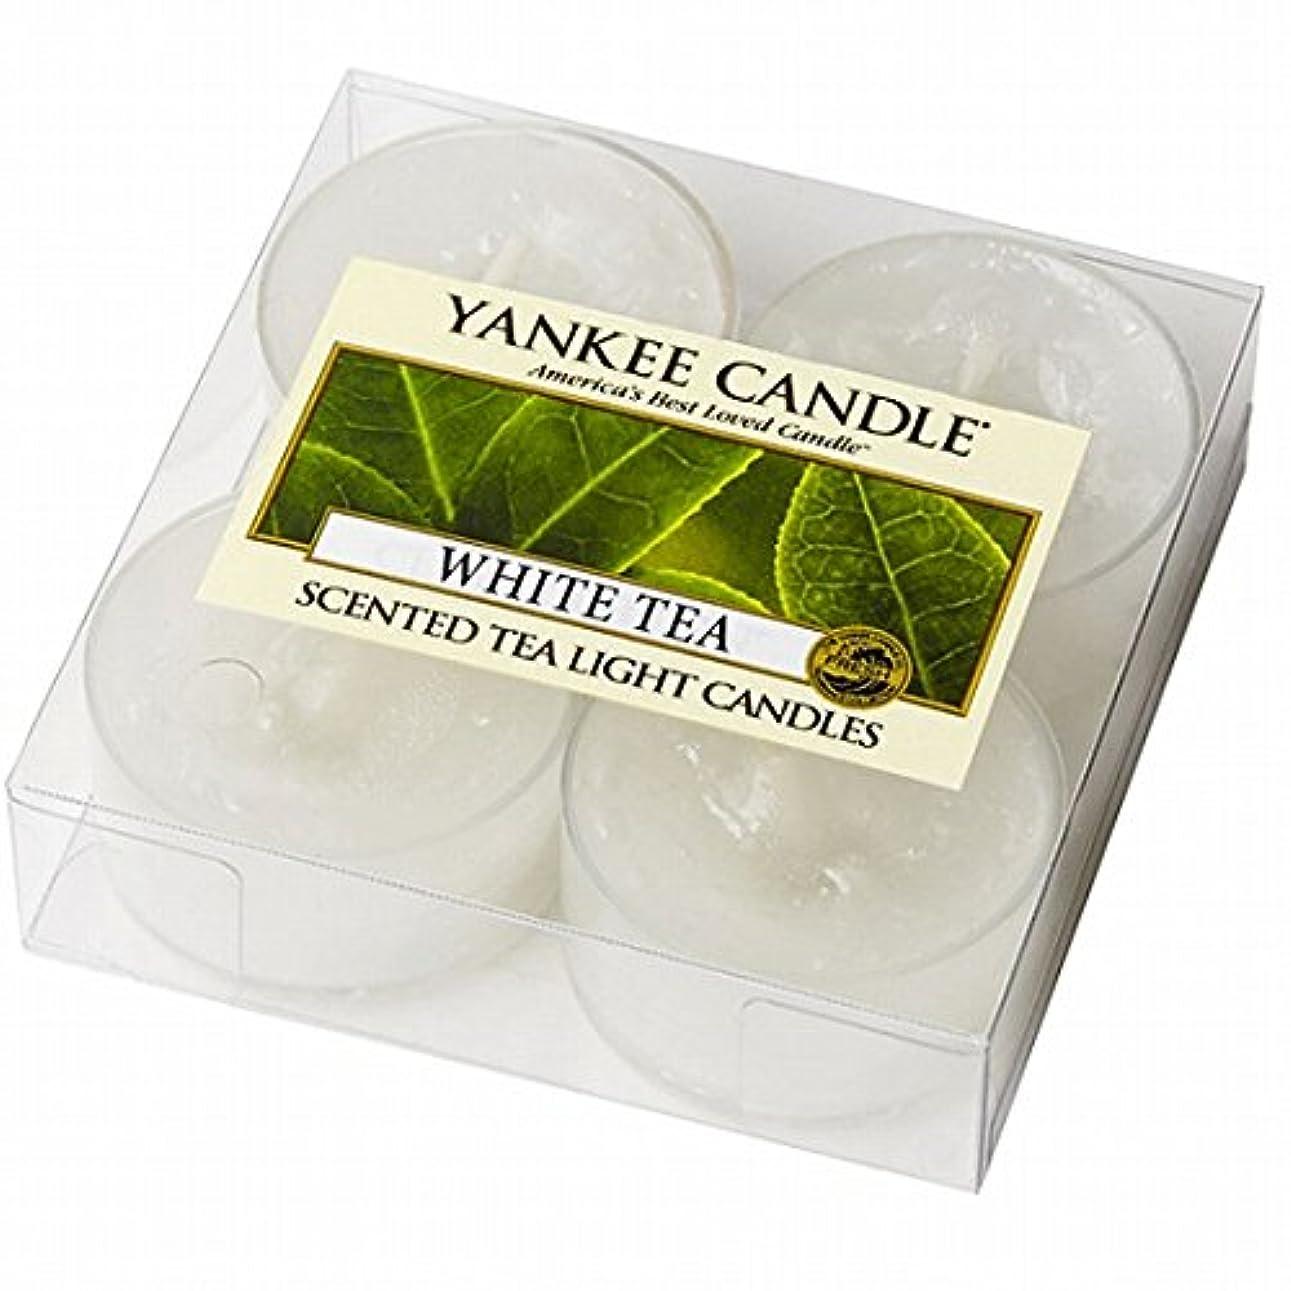 強度バイオリニスト職業YANKEE CANDLE(ヤンキーキャンドル) YANKEE CANDLE クリアカップティーライト4個入り 「ホワイトティー」(K00205277)